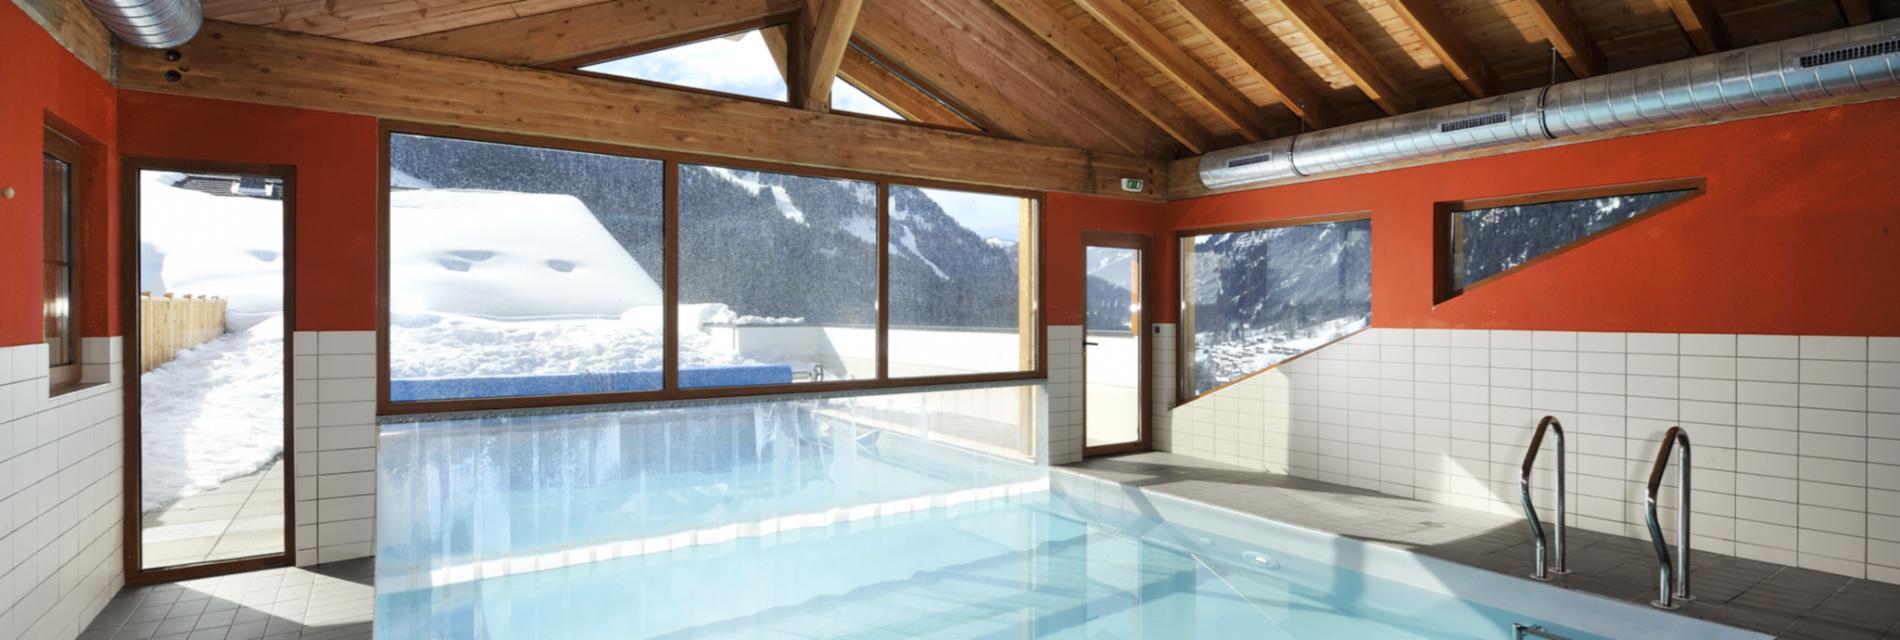 Slide Piscine intérieure La résidence le Grand Lodge Châtel - Montagne Hiver